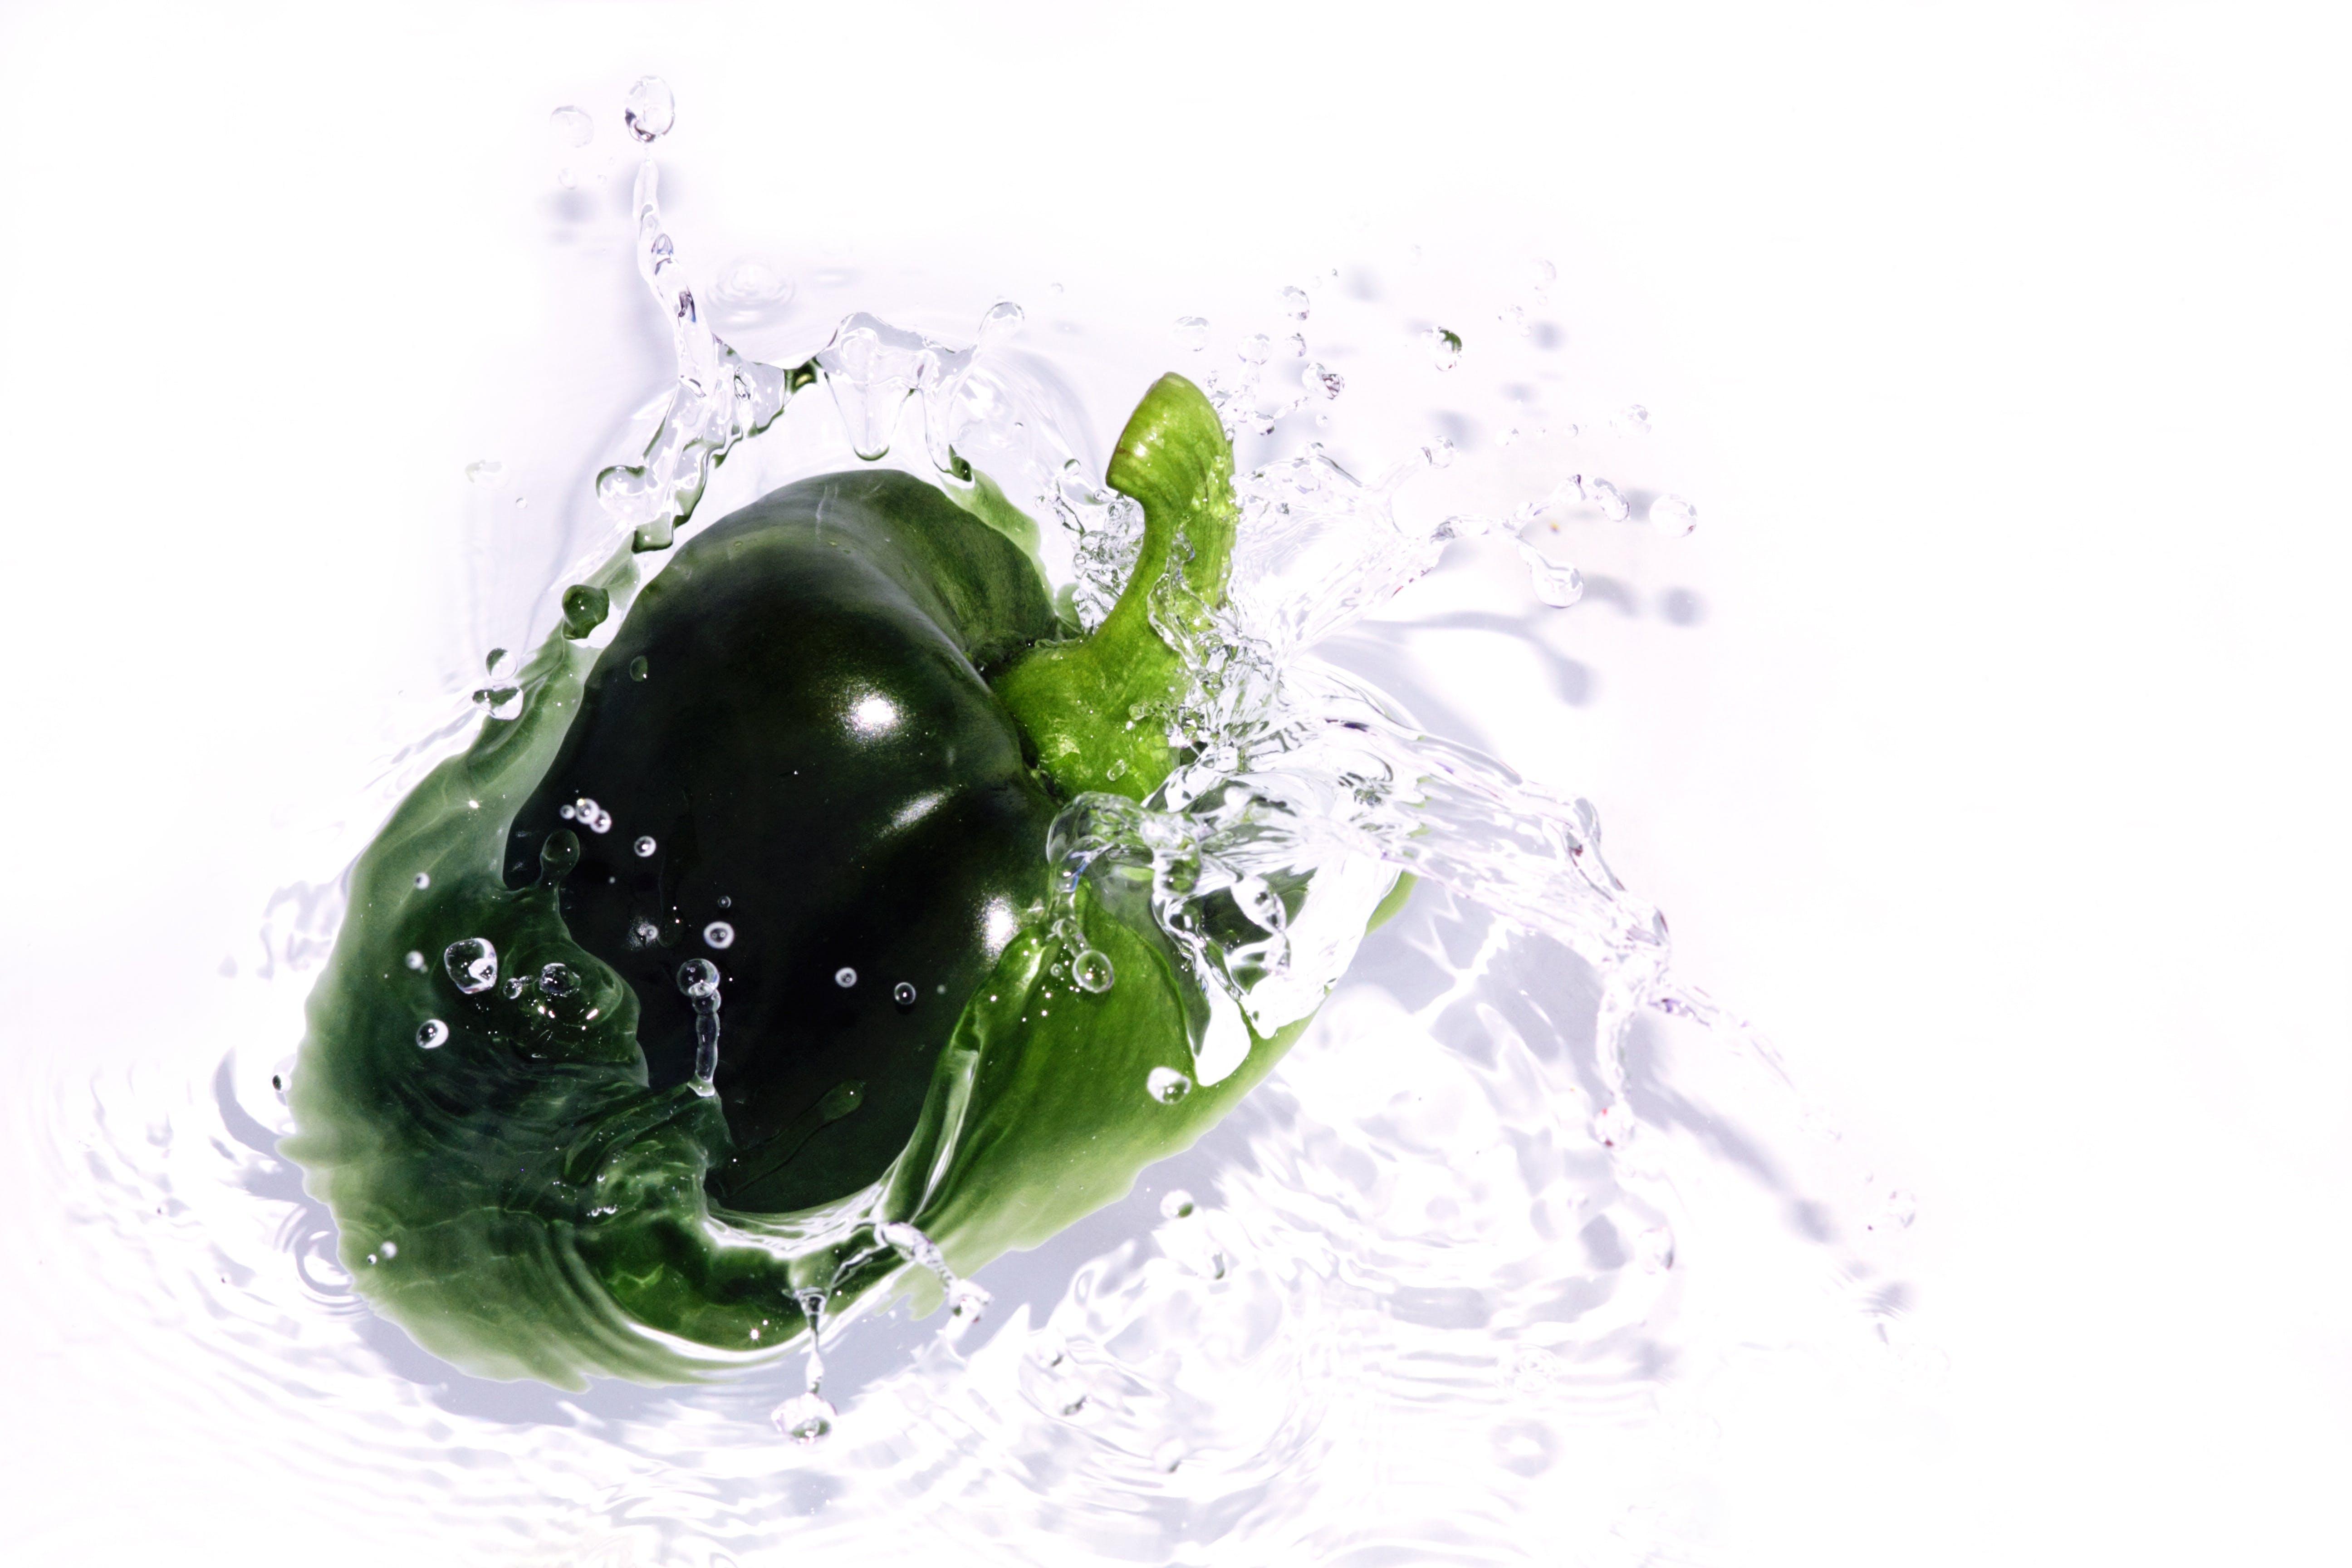 Gratis lagerfoto af frisk, grøn, grøn peber, grøntsag